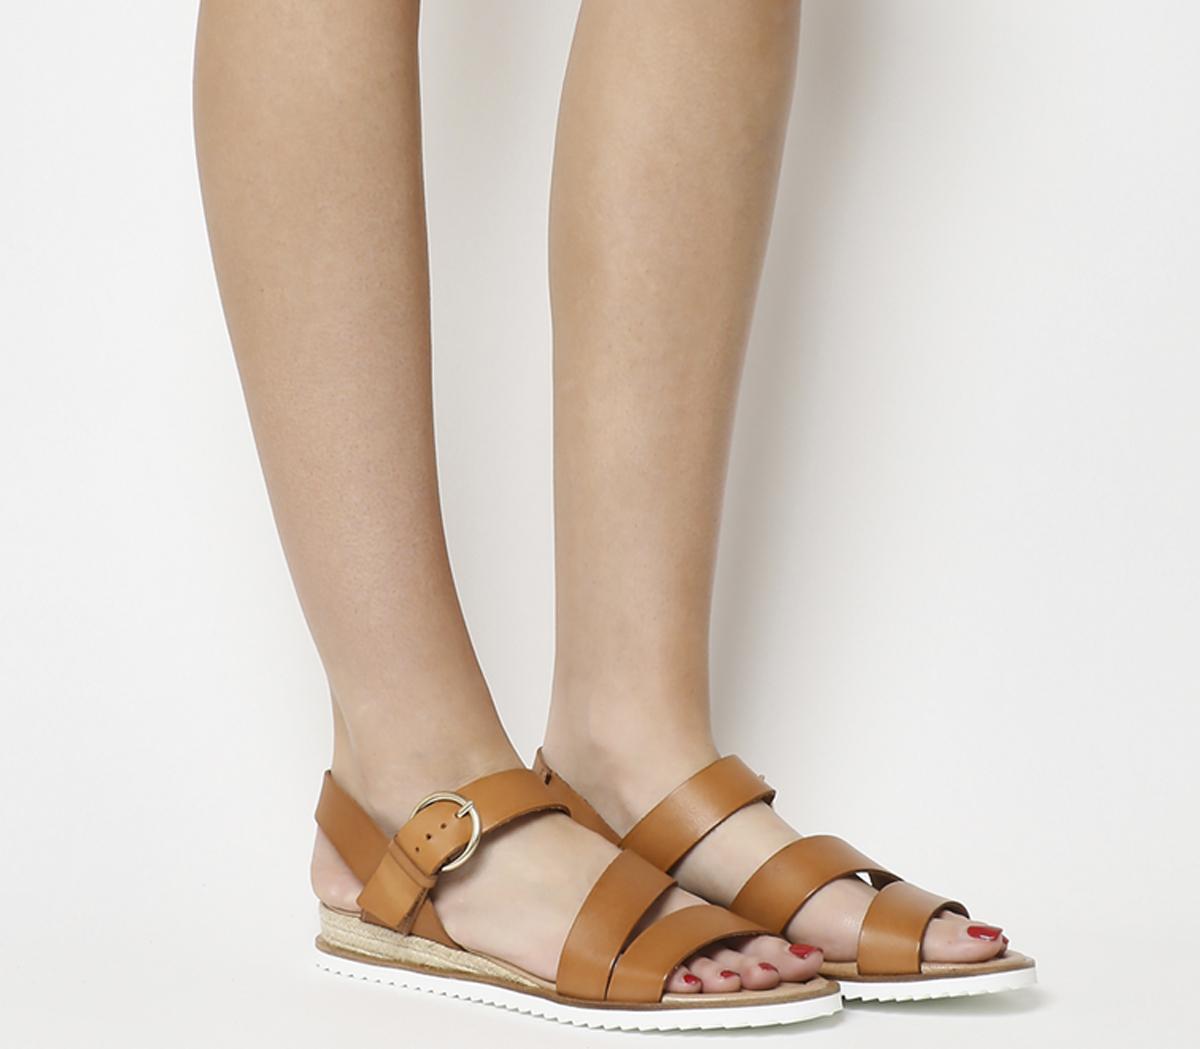 Saltlake Ankle Strap Sandals